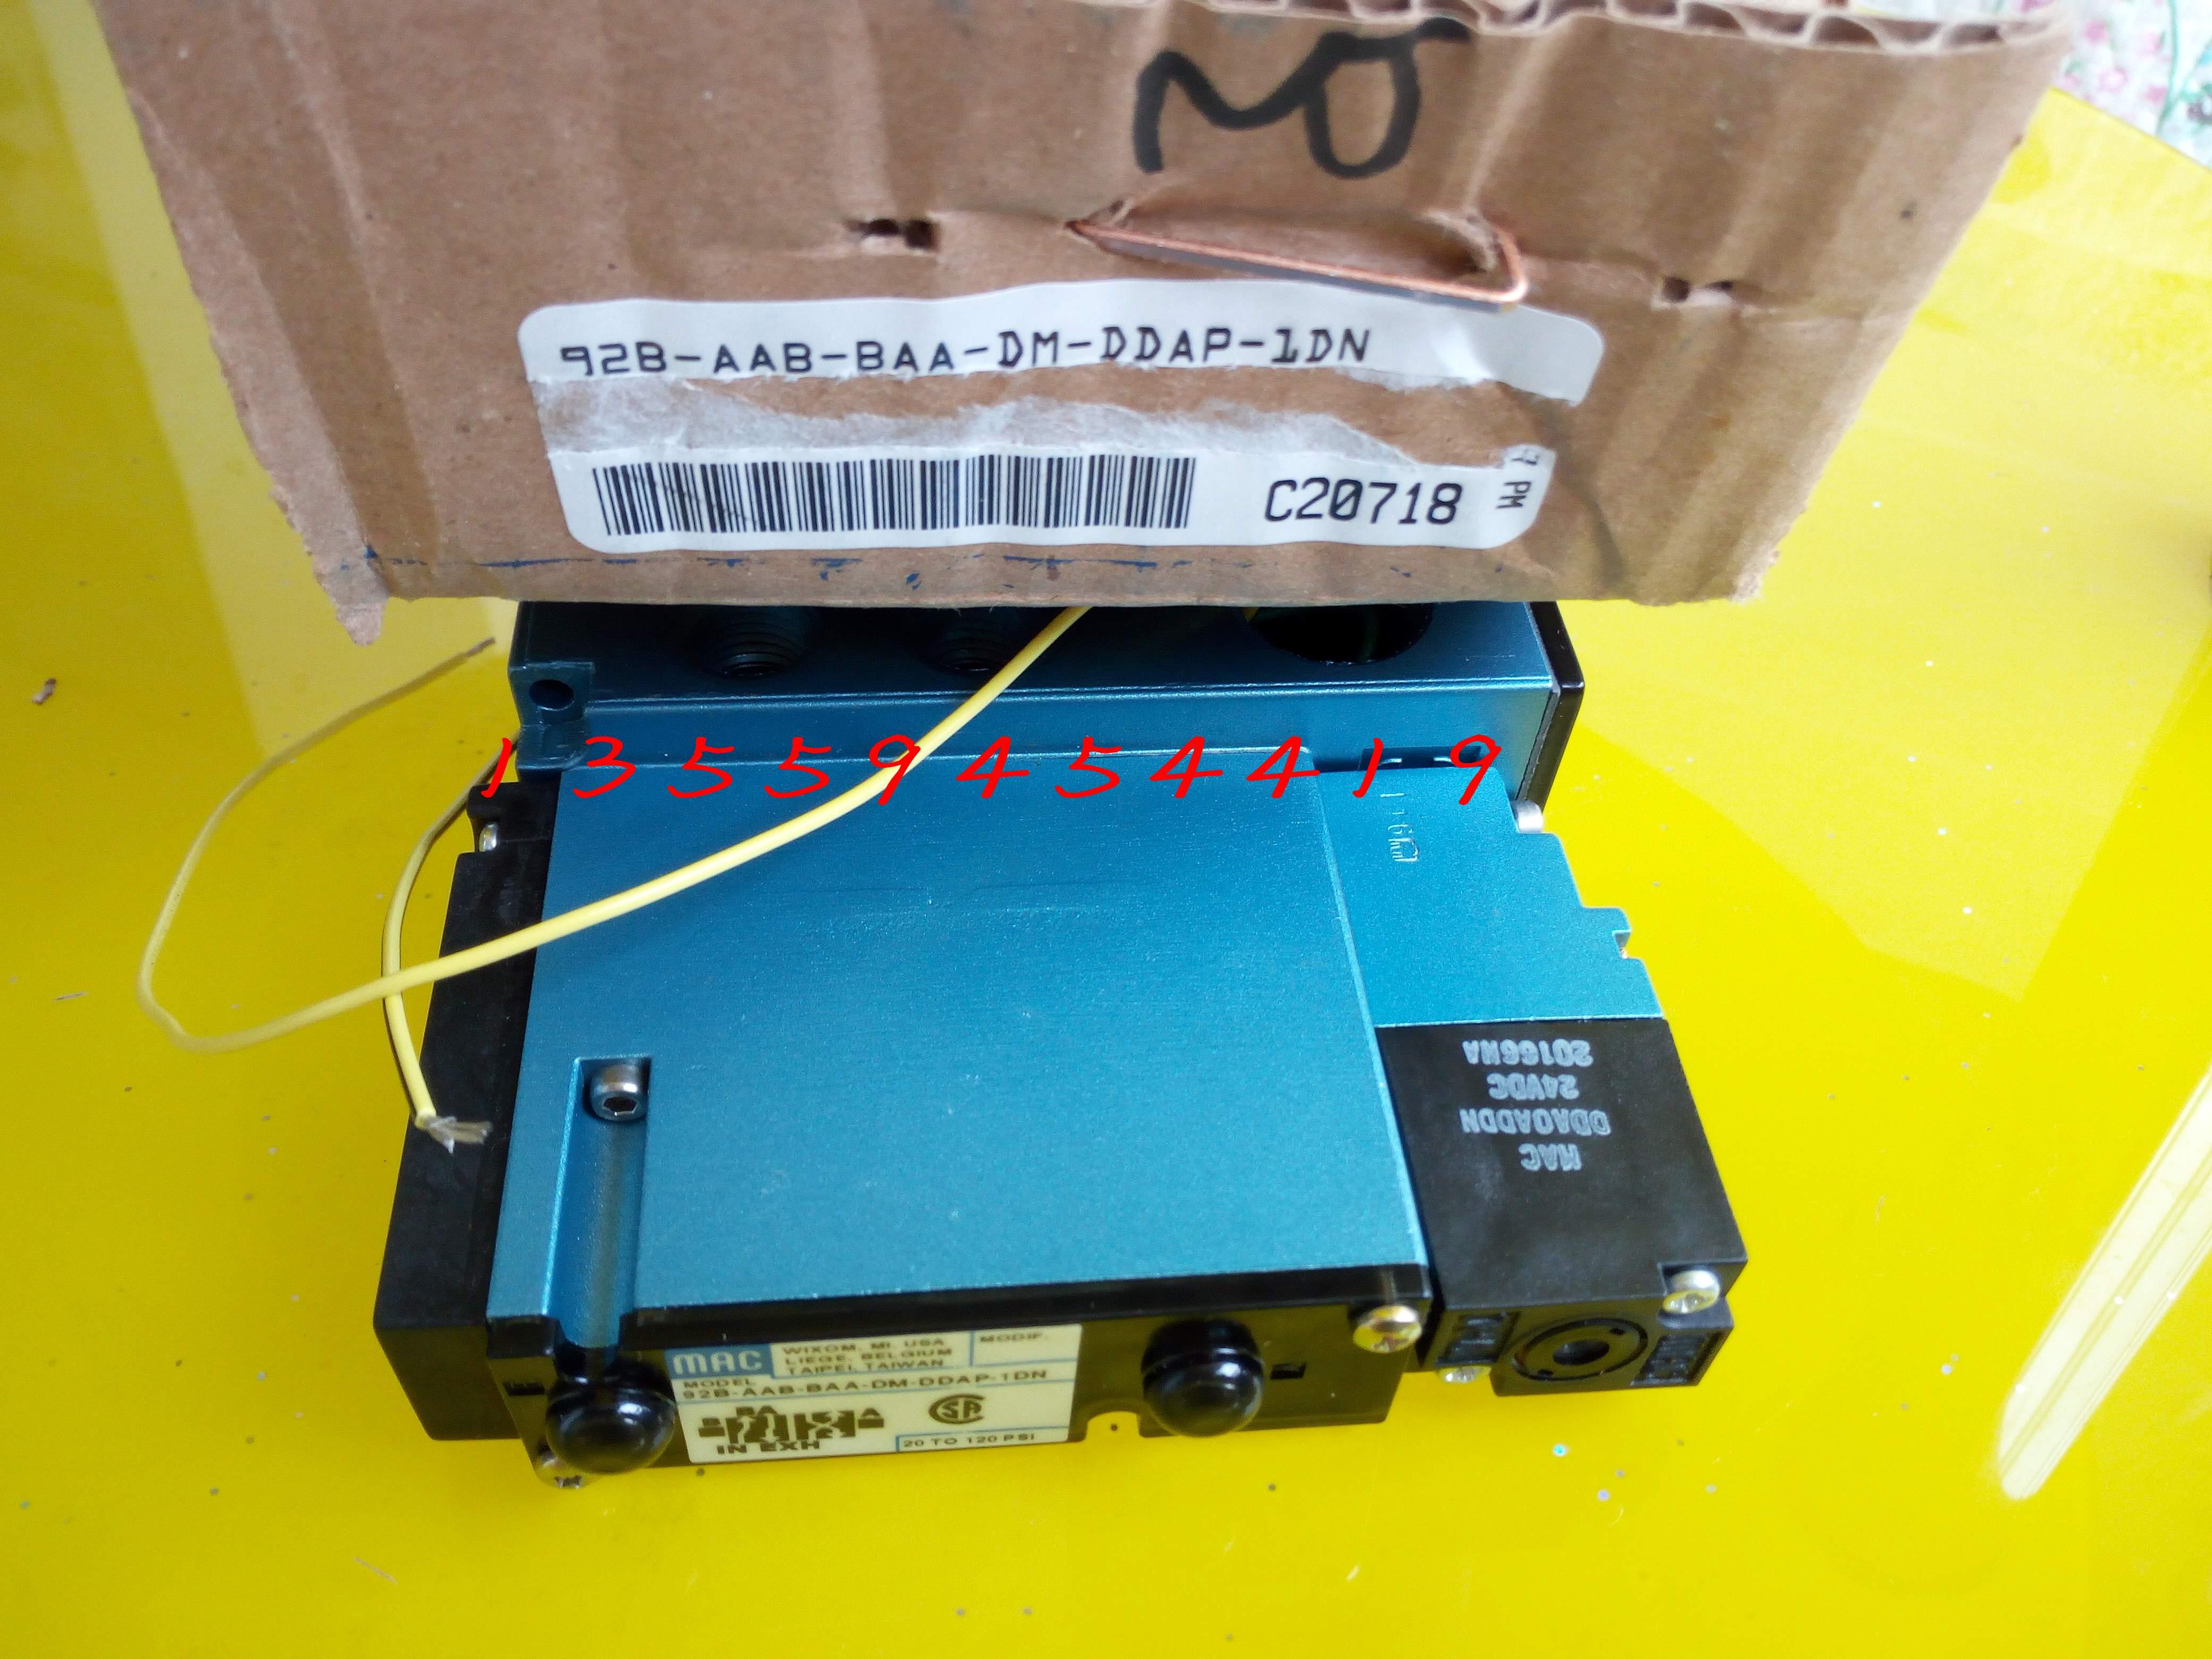 ขดลวดแม่เหล็กไฟฟ้าวาล์ว / อเมริกา MAC ของแท้ 92B-AAB-BAA-DM-DDAP-1DN โพสต์รวมถึงการต่อรองสินค้า